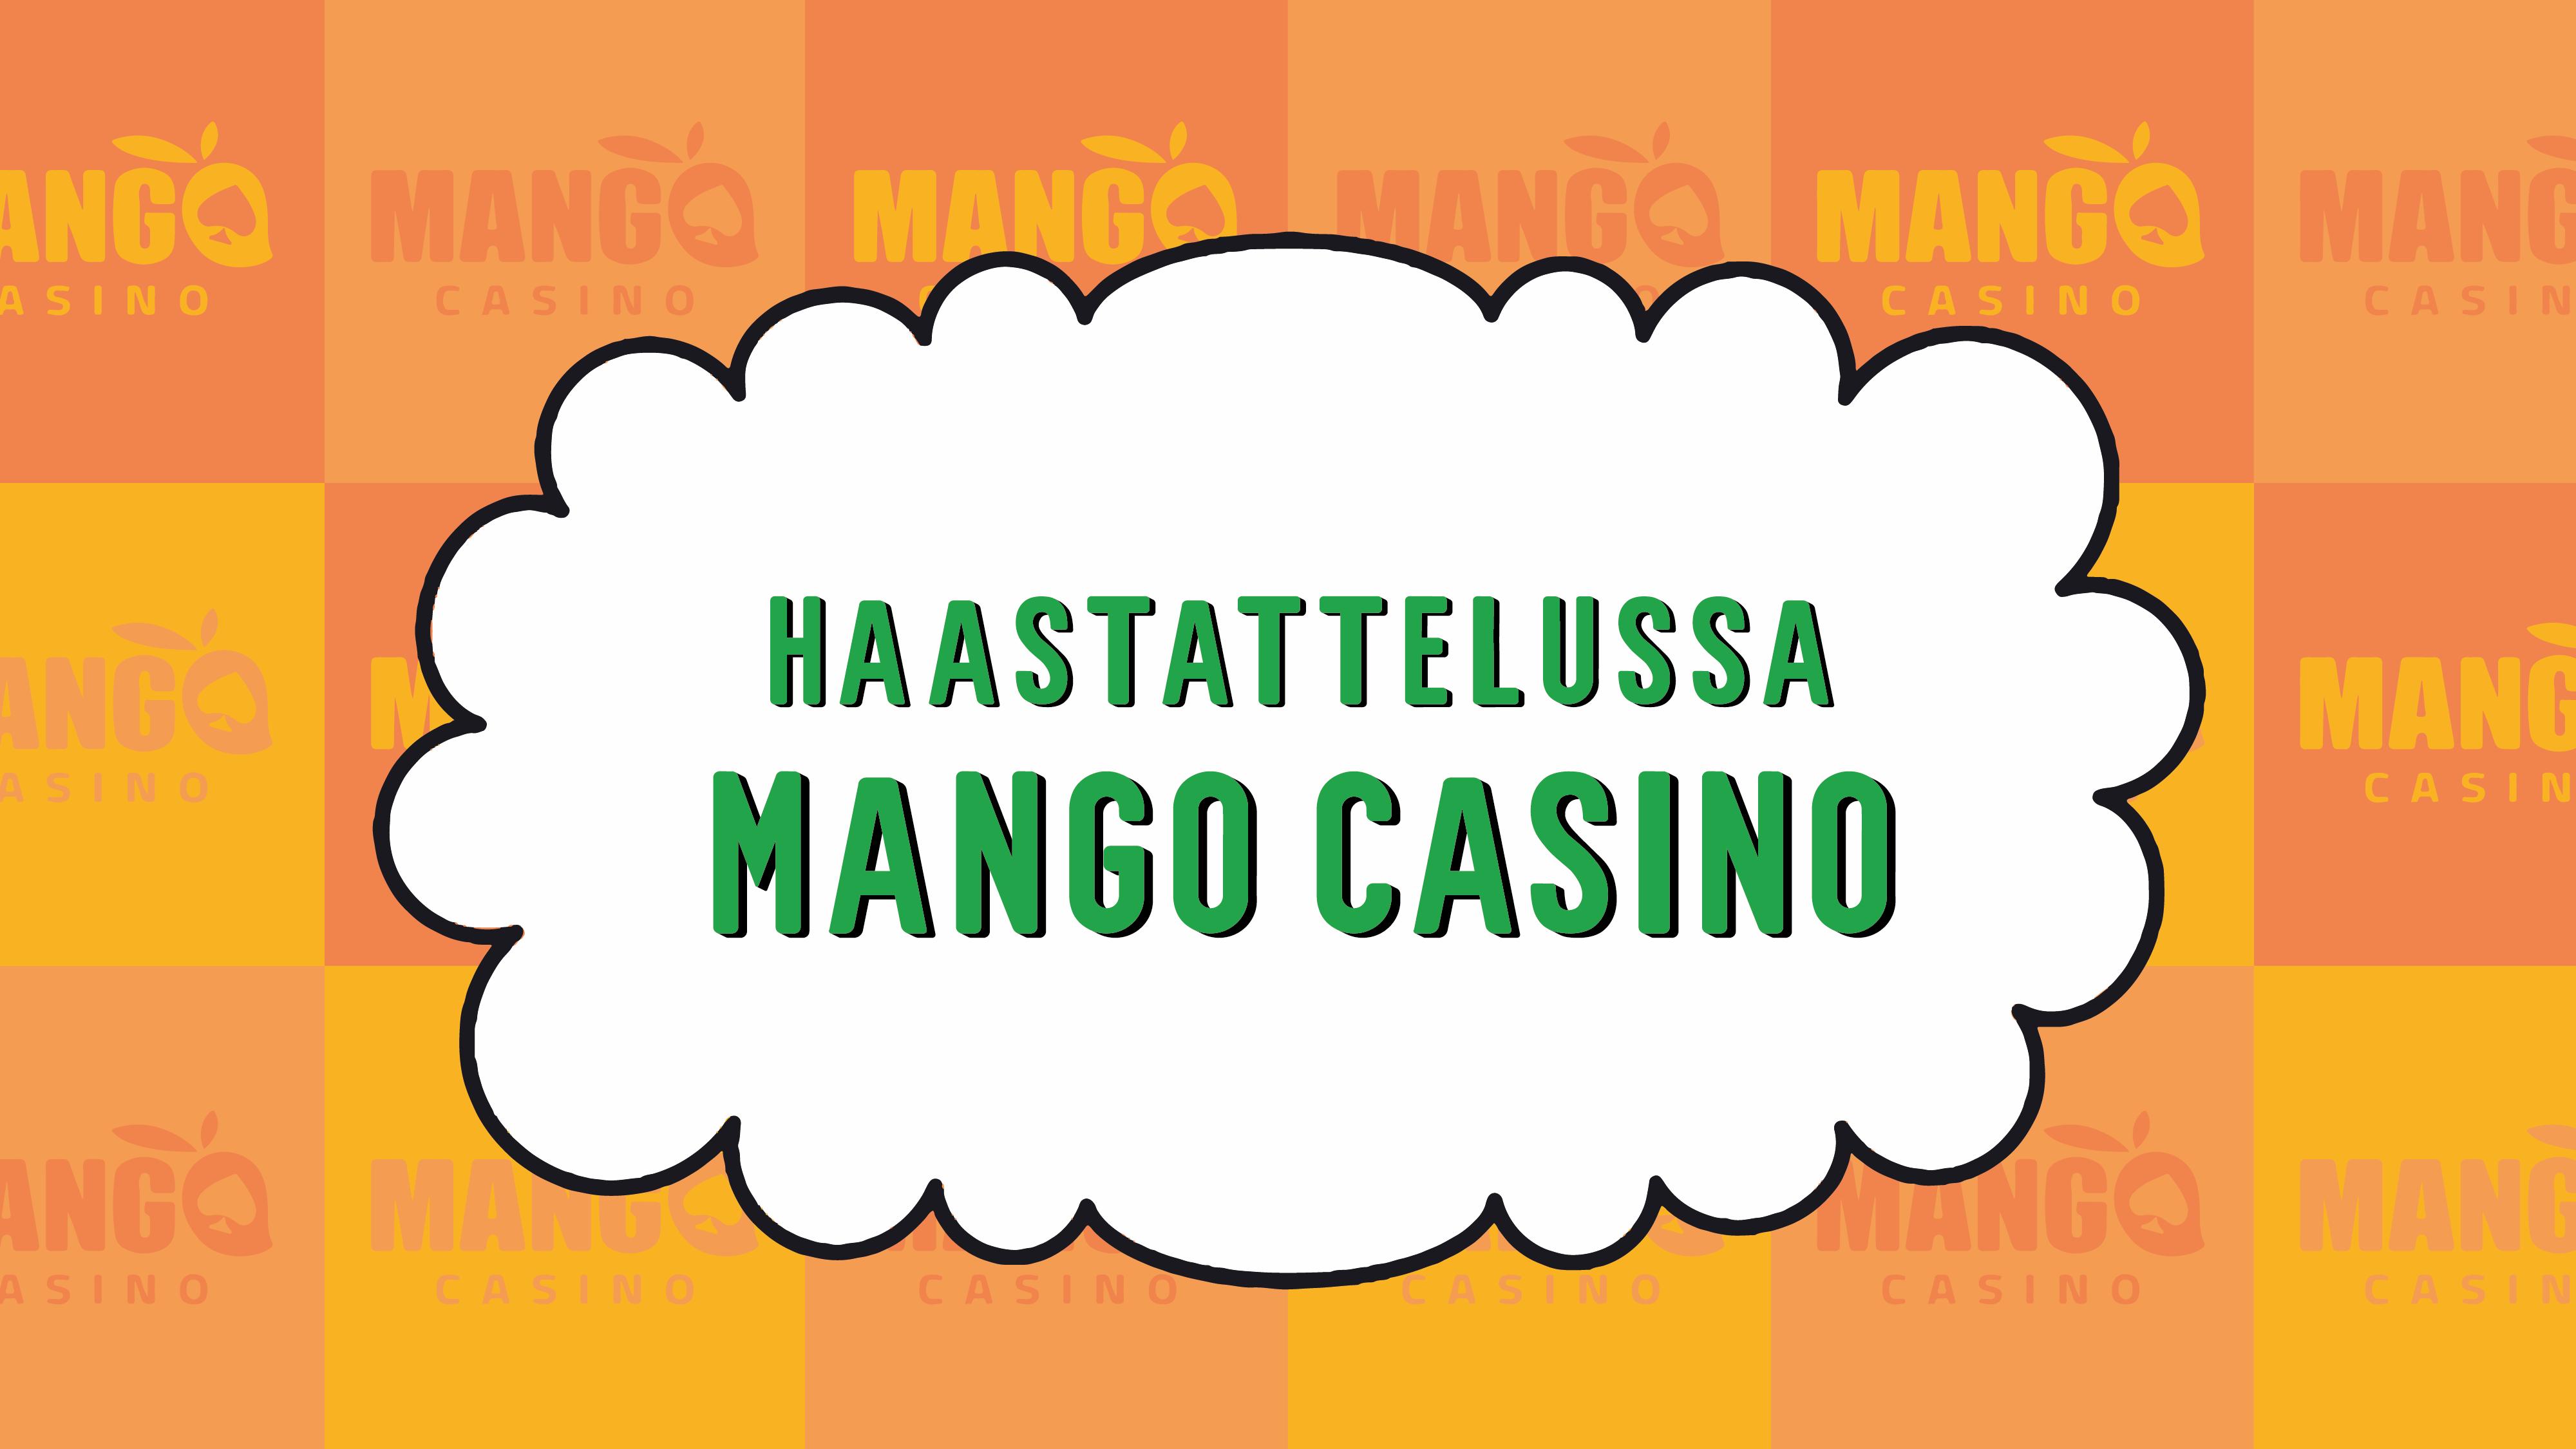 Mango Casino haastattelu